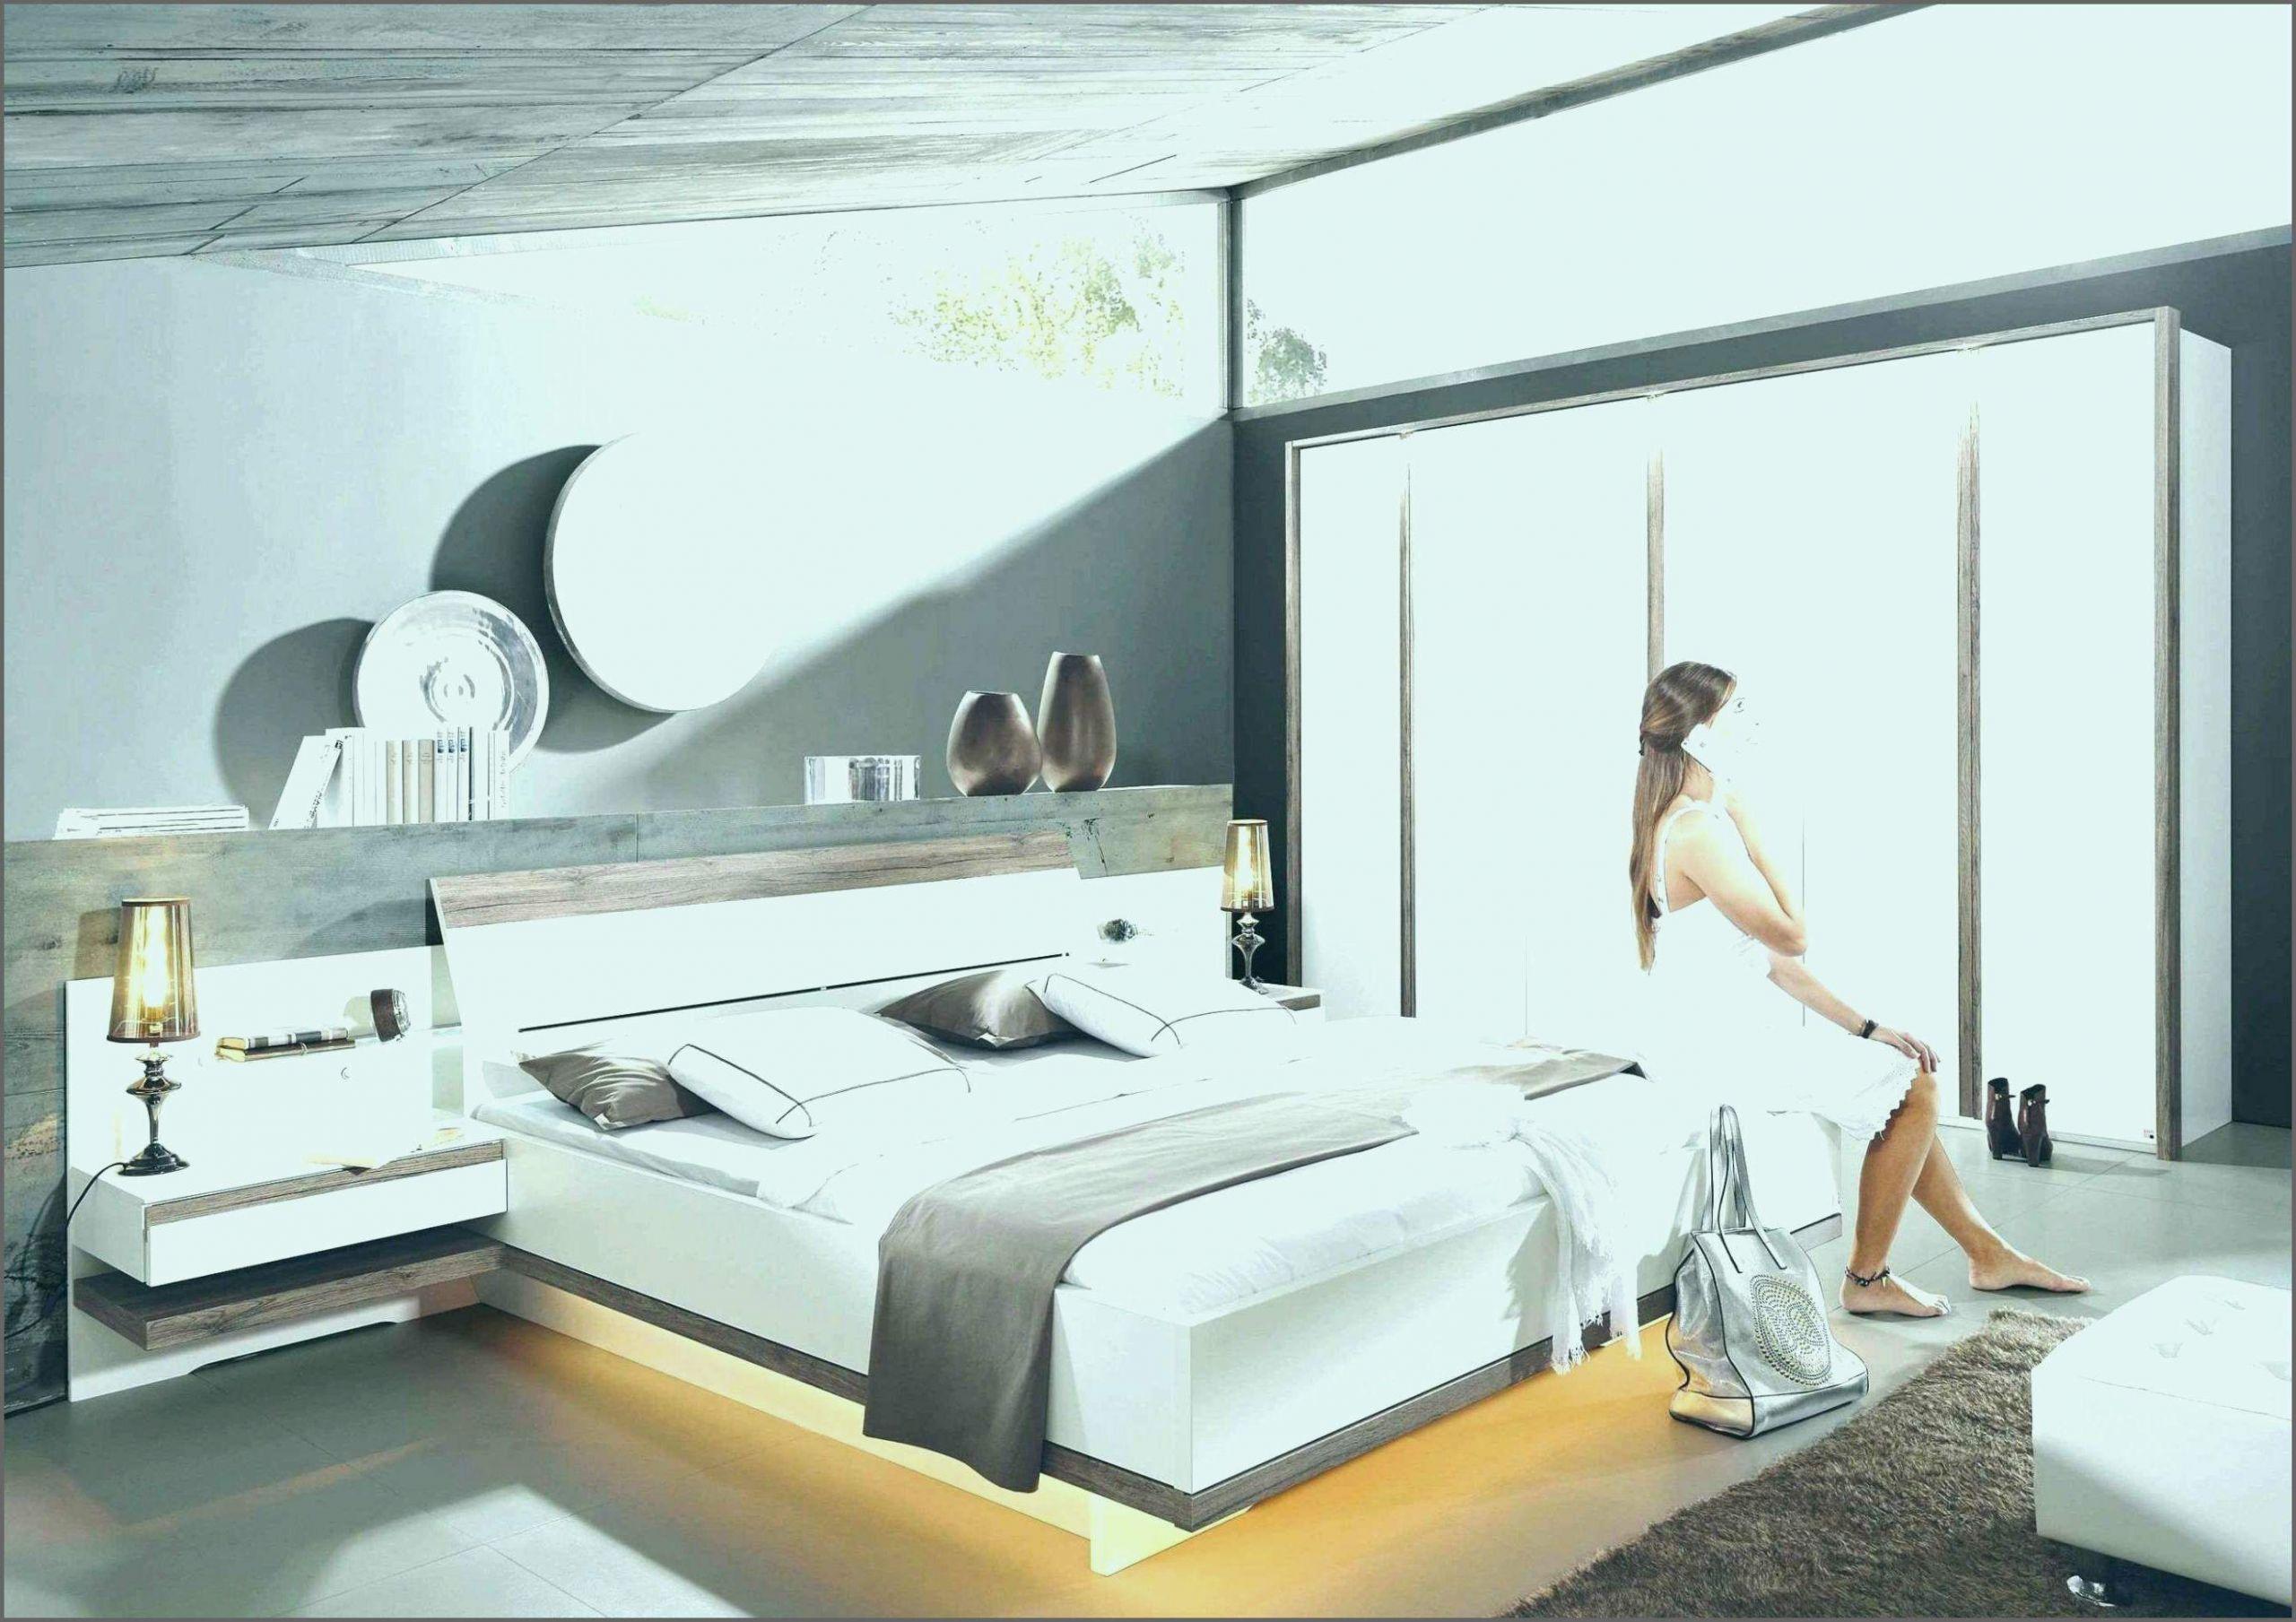 regalsystem wohnzimmer schon 30 exklusiv und wunderbar regalsysteme wohnzimmer holz of regalsystem wohnzimmer scaled